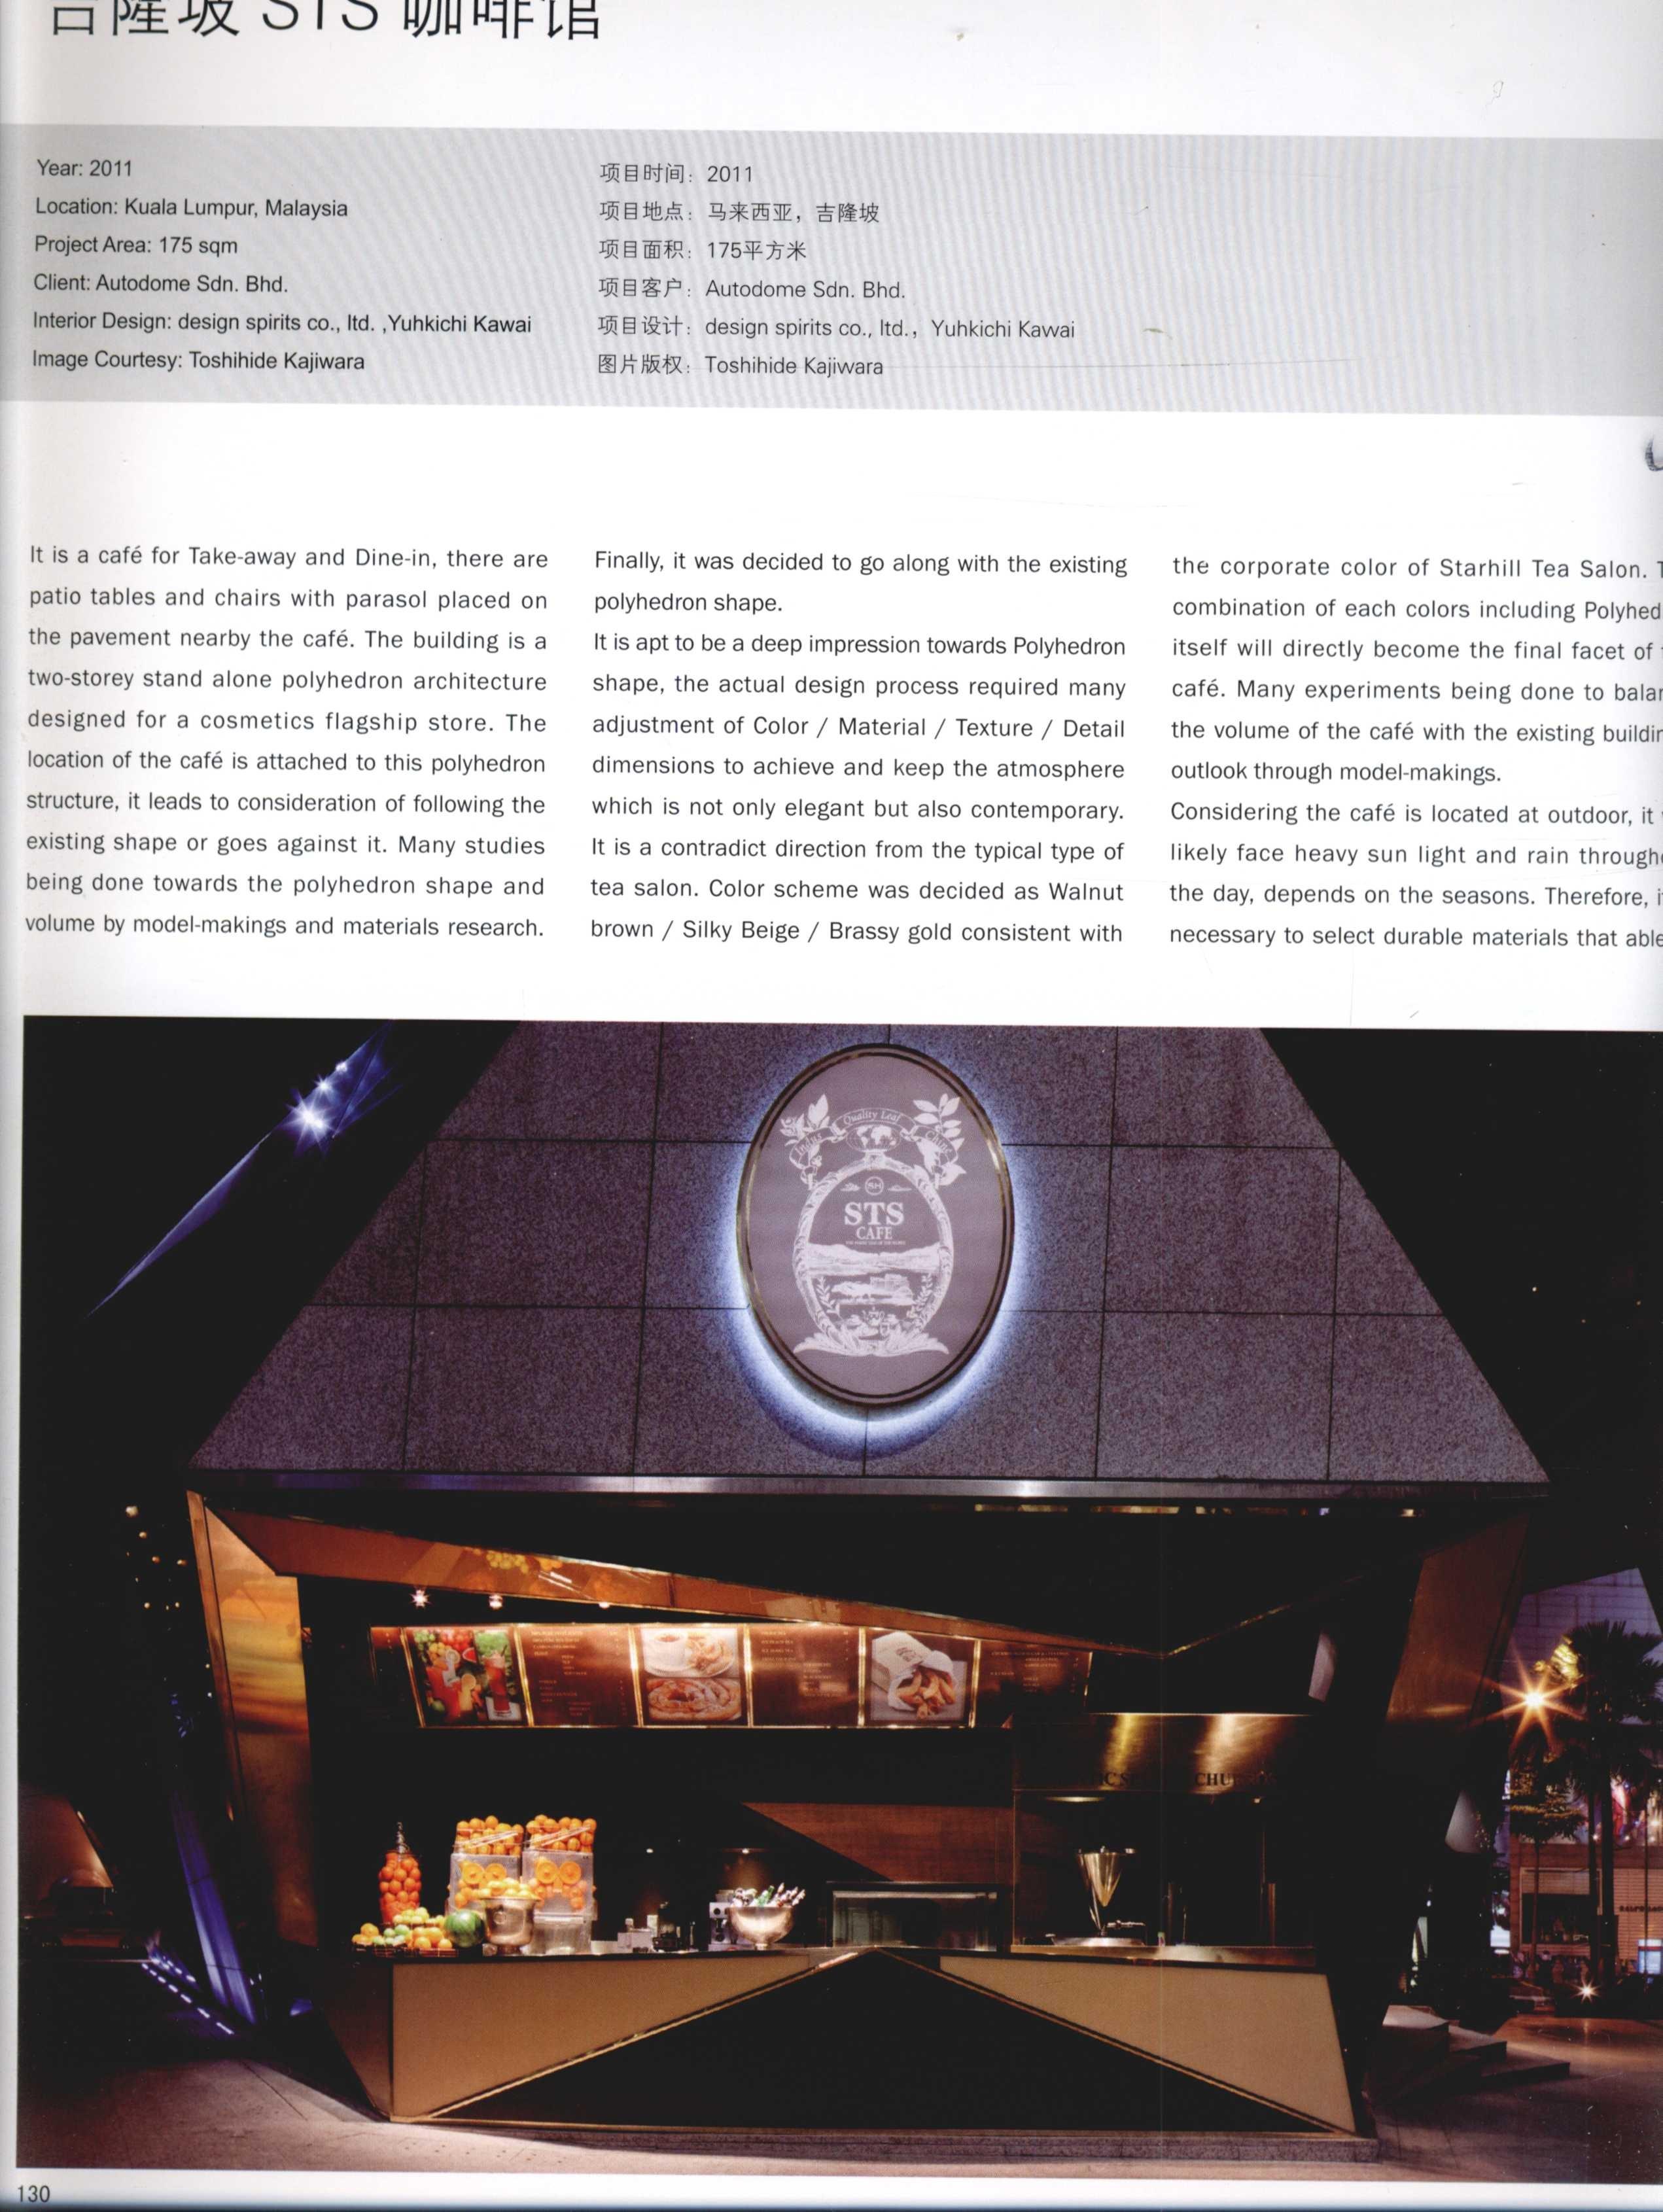 2012全球室内设计年鉴  餐饮_Page_126.jpg